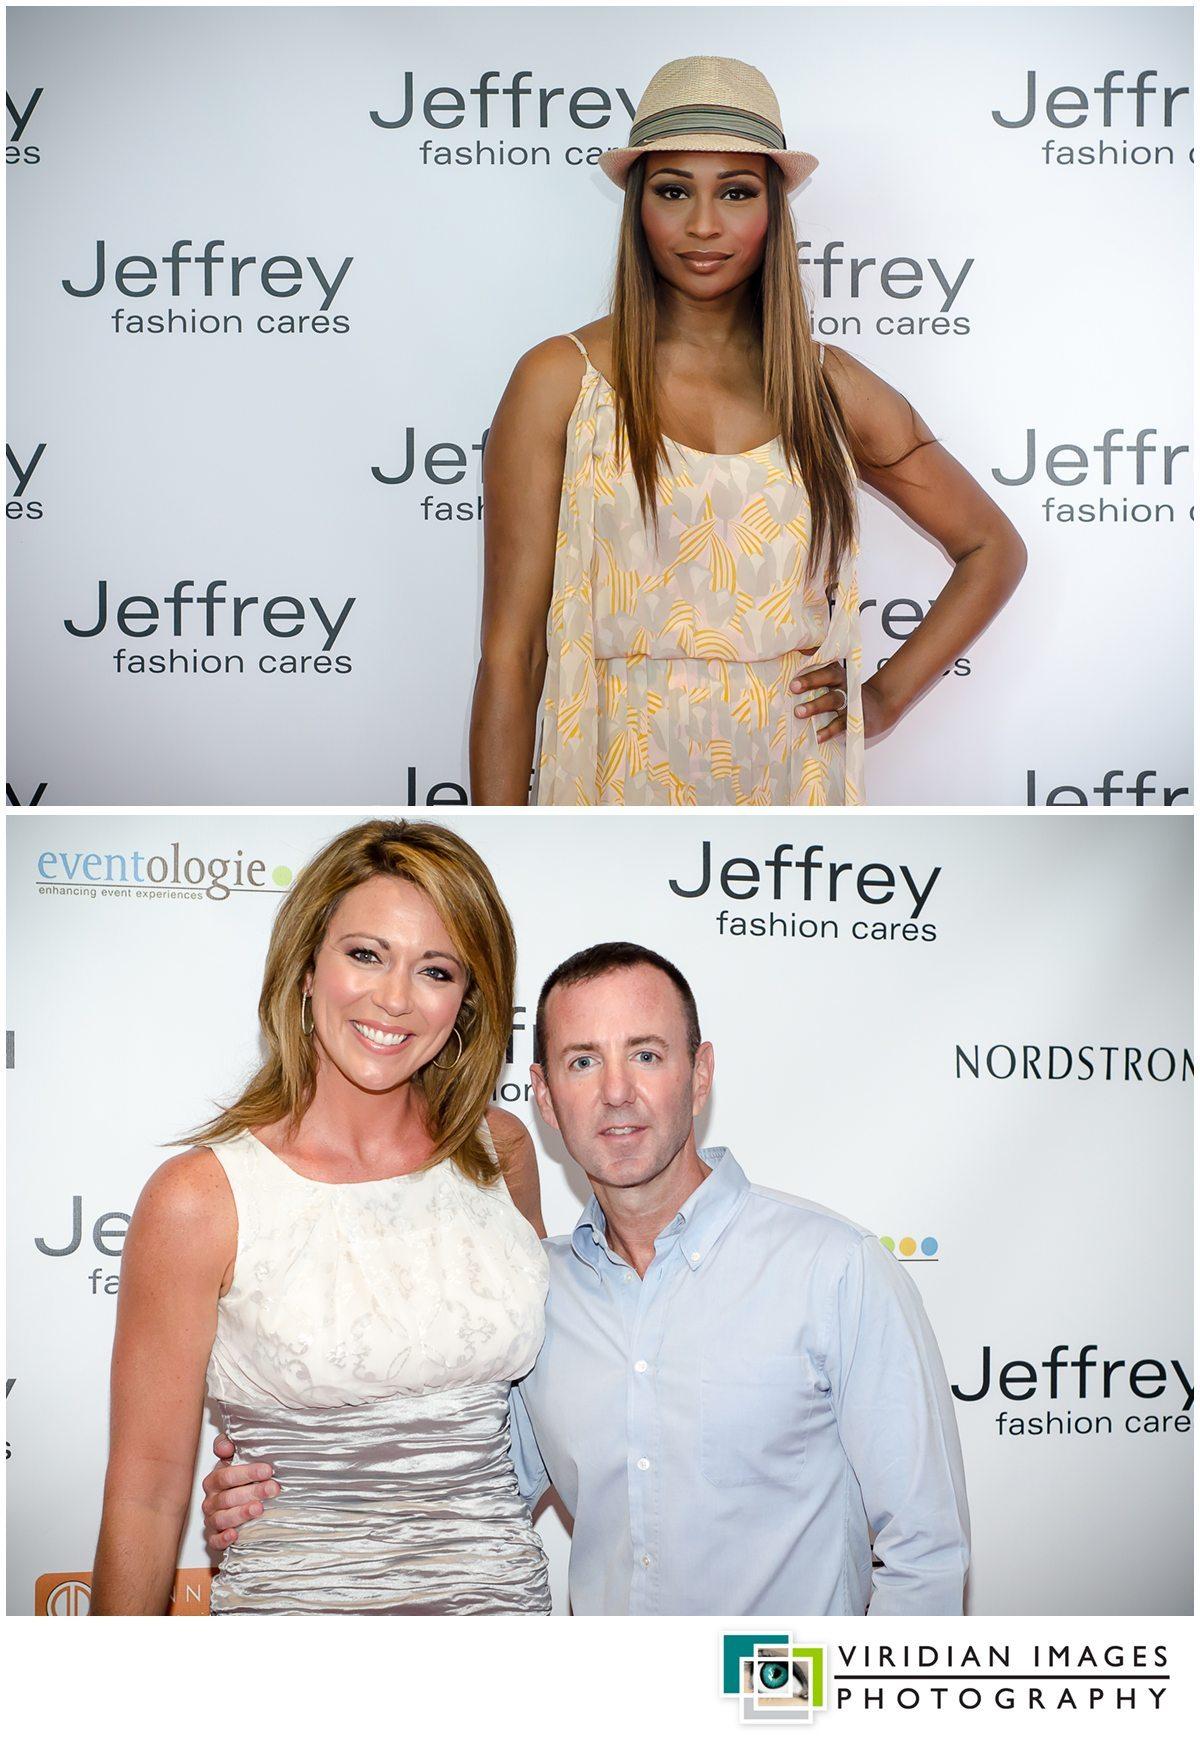 Jeffrey_Fashion_Cares_Viridian_Images_photo_3